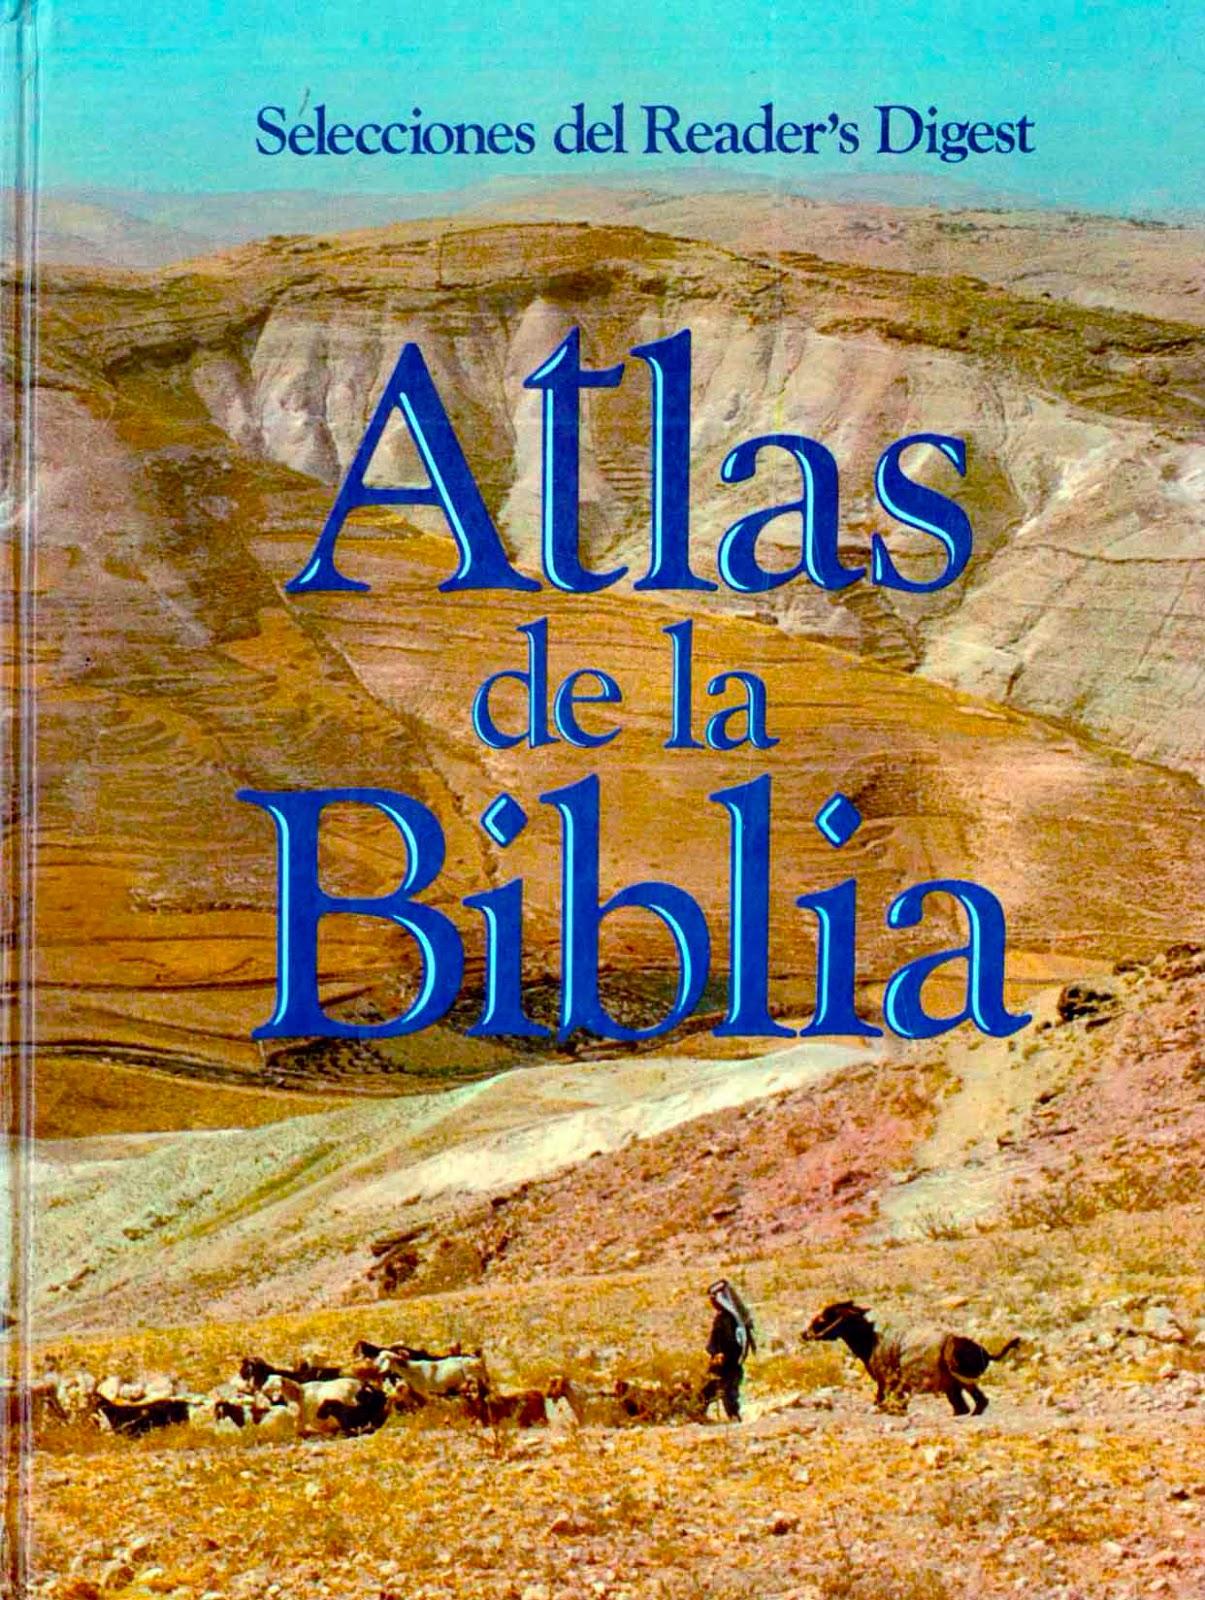 Selecciones Del Reader's Digest-Atlas De La Biblia-